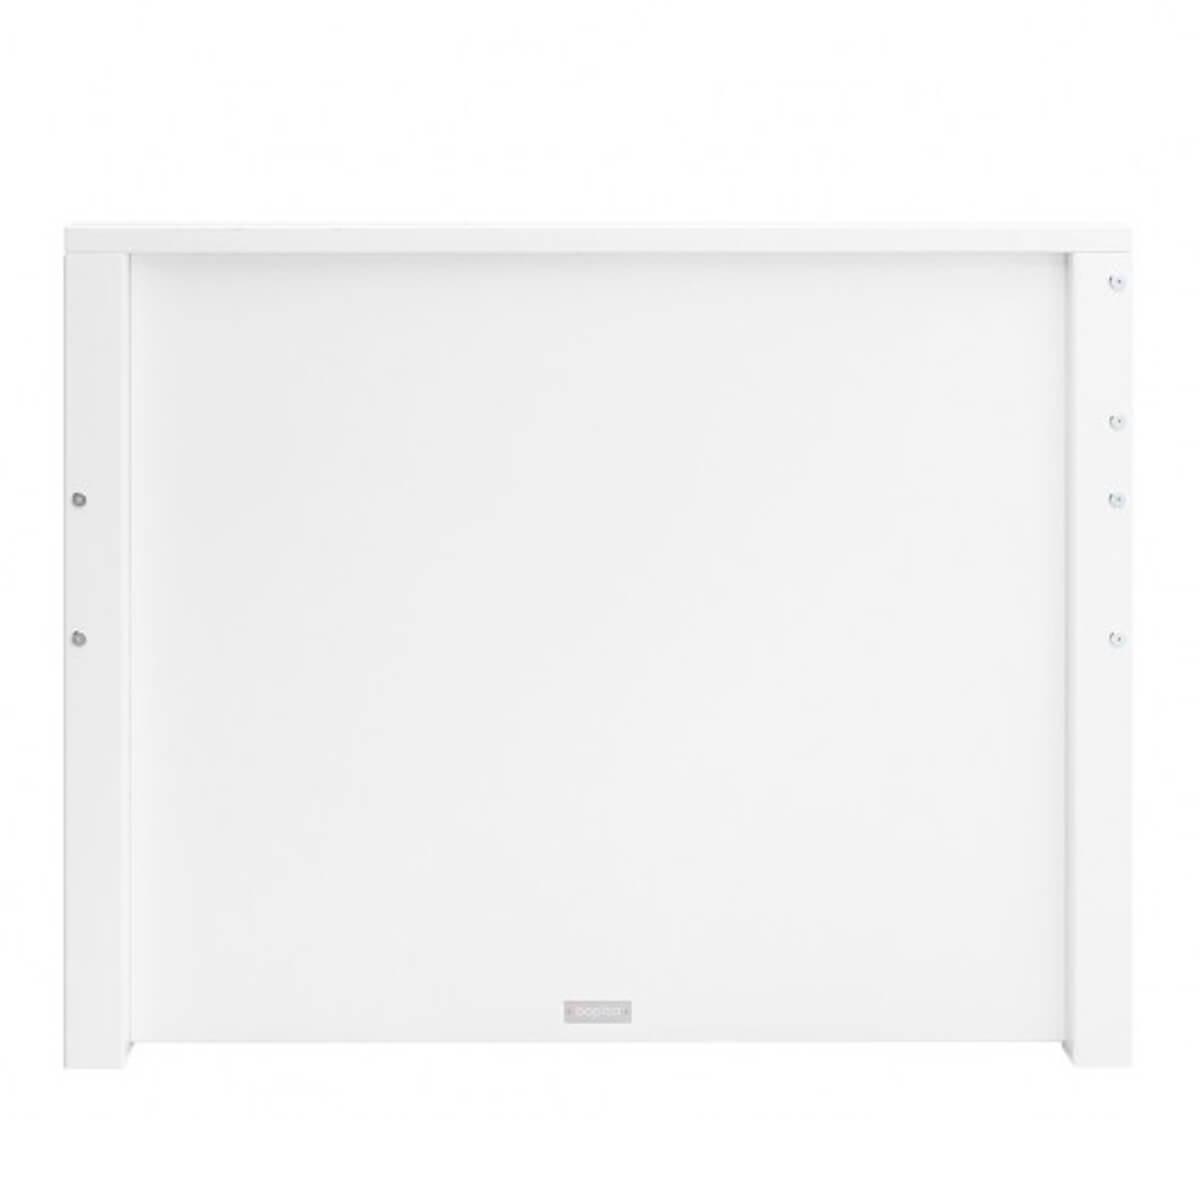 Cama compacta 90x200cm YARA Bopita blanco